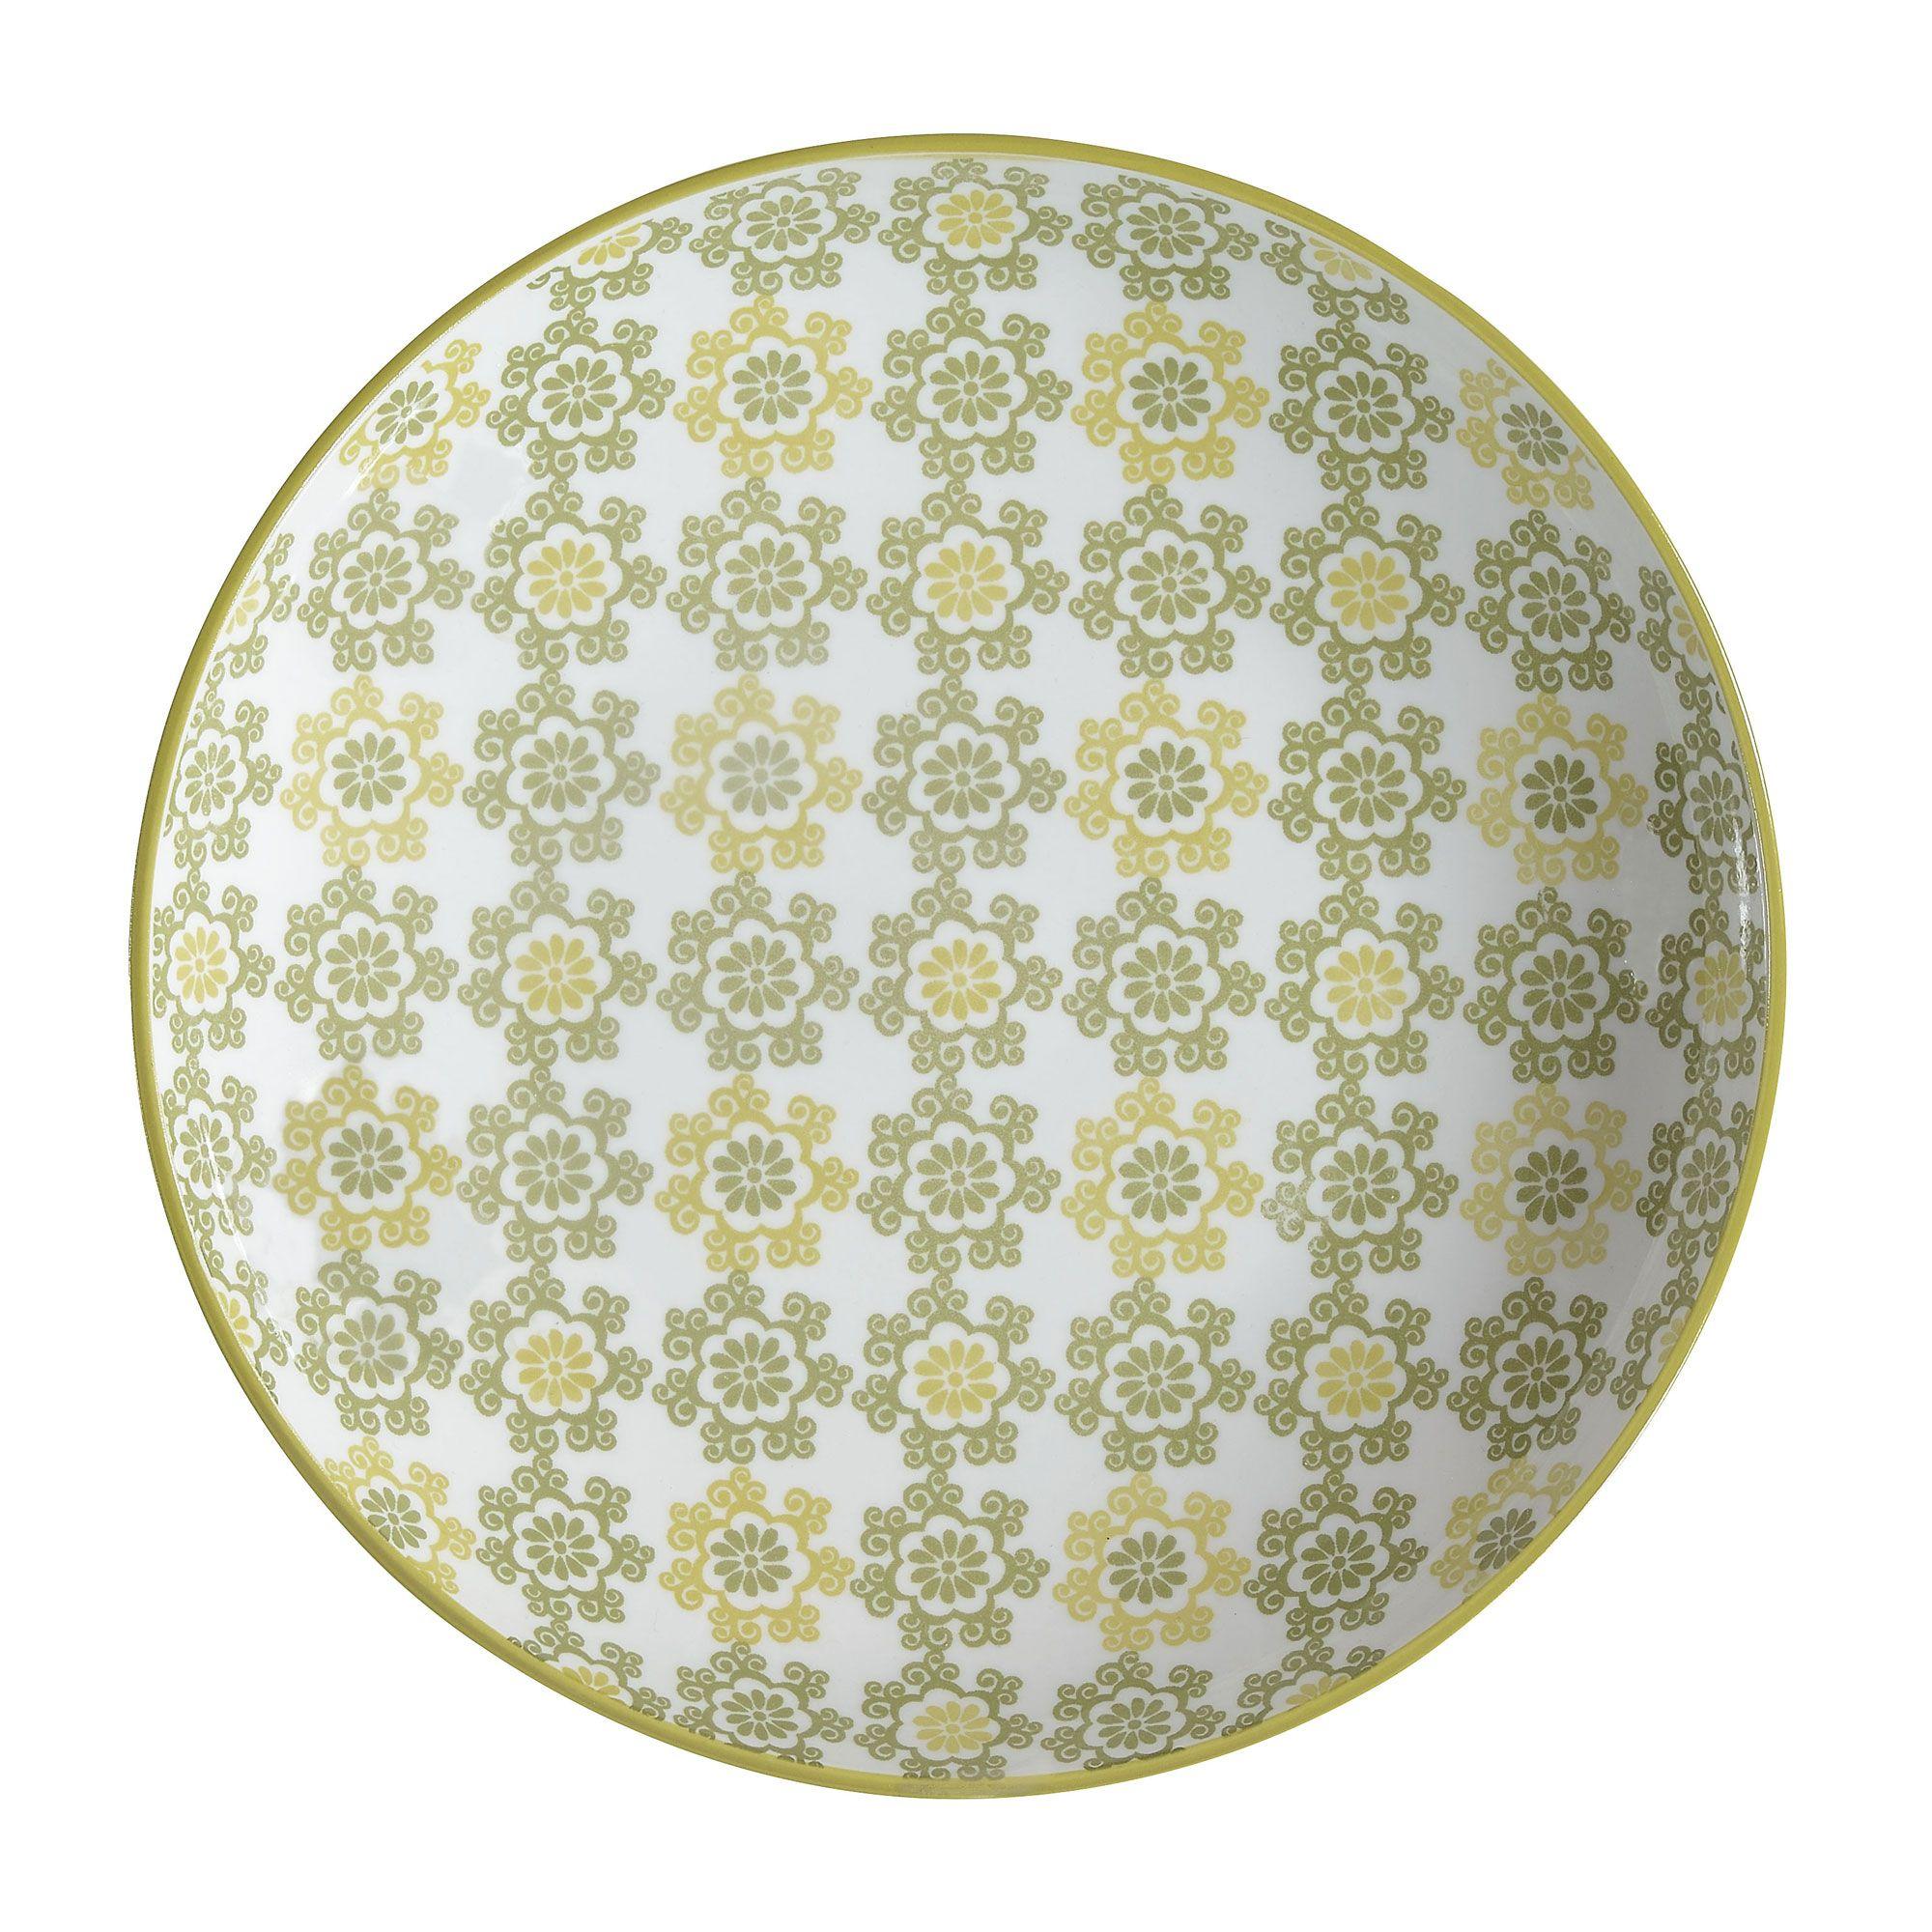 Assiette Plate En Céramique Ronde Végétaux Kaki / Vert Clair ... avec Assiette Jardin D Ulysse